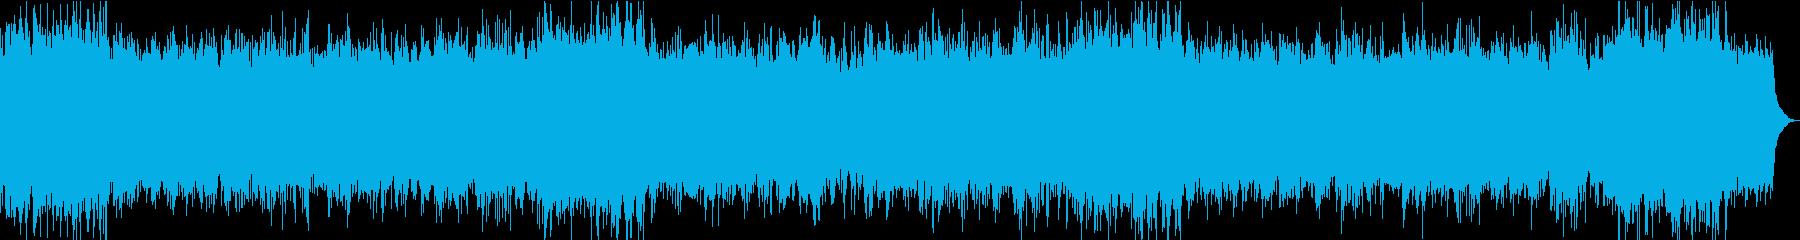 おだやかキラキラ/静かめ/イントロ17秒の再生済みの波形